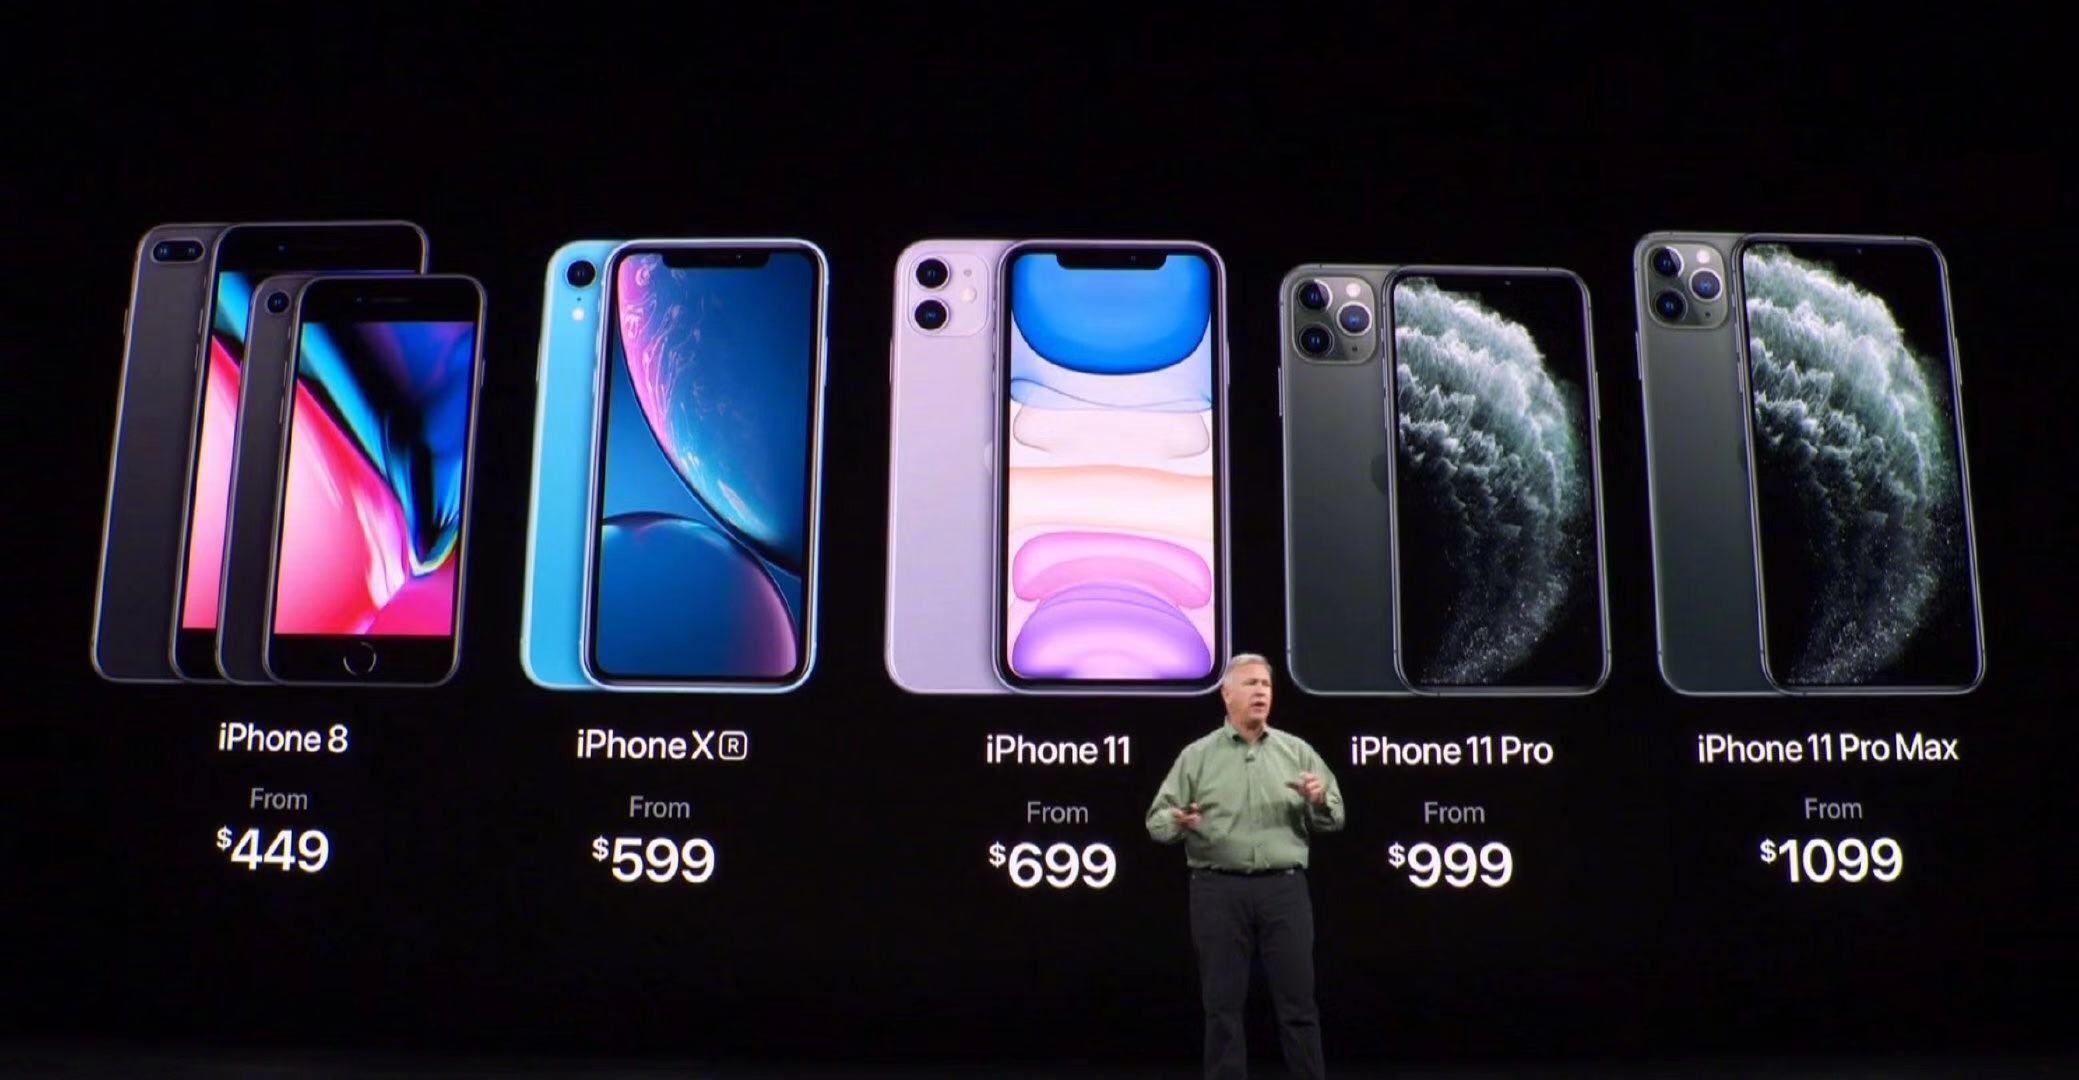 一文看2019苹果秋季新品,iPhone 11起售价5499元的照片 - 2